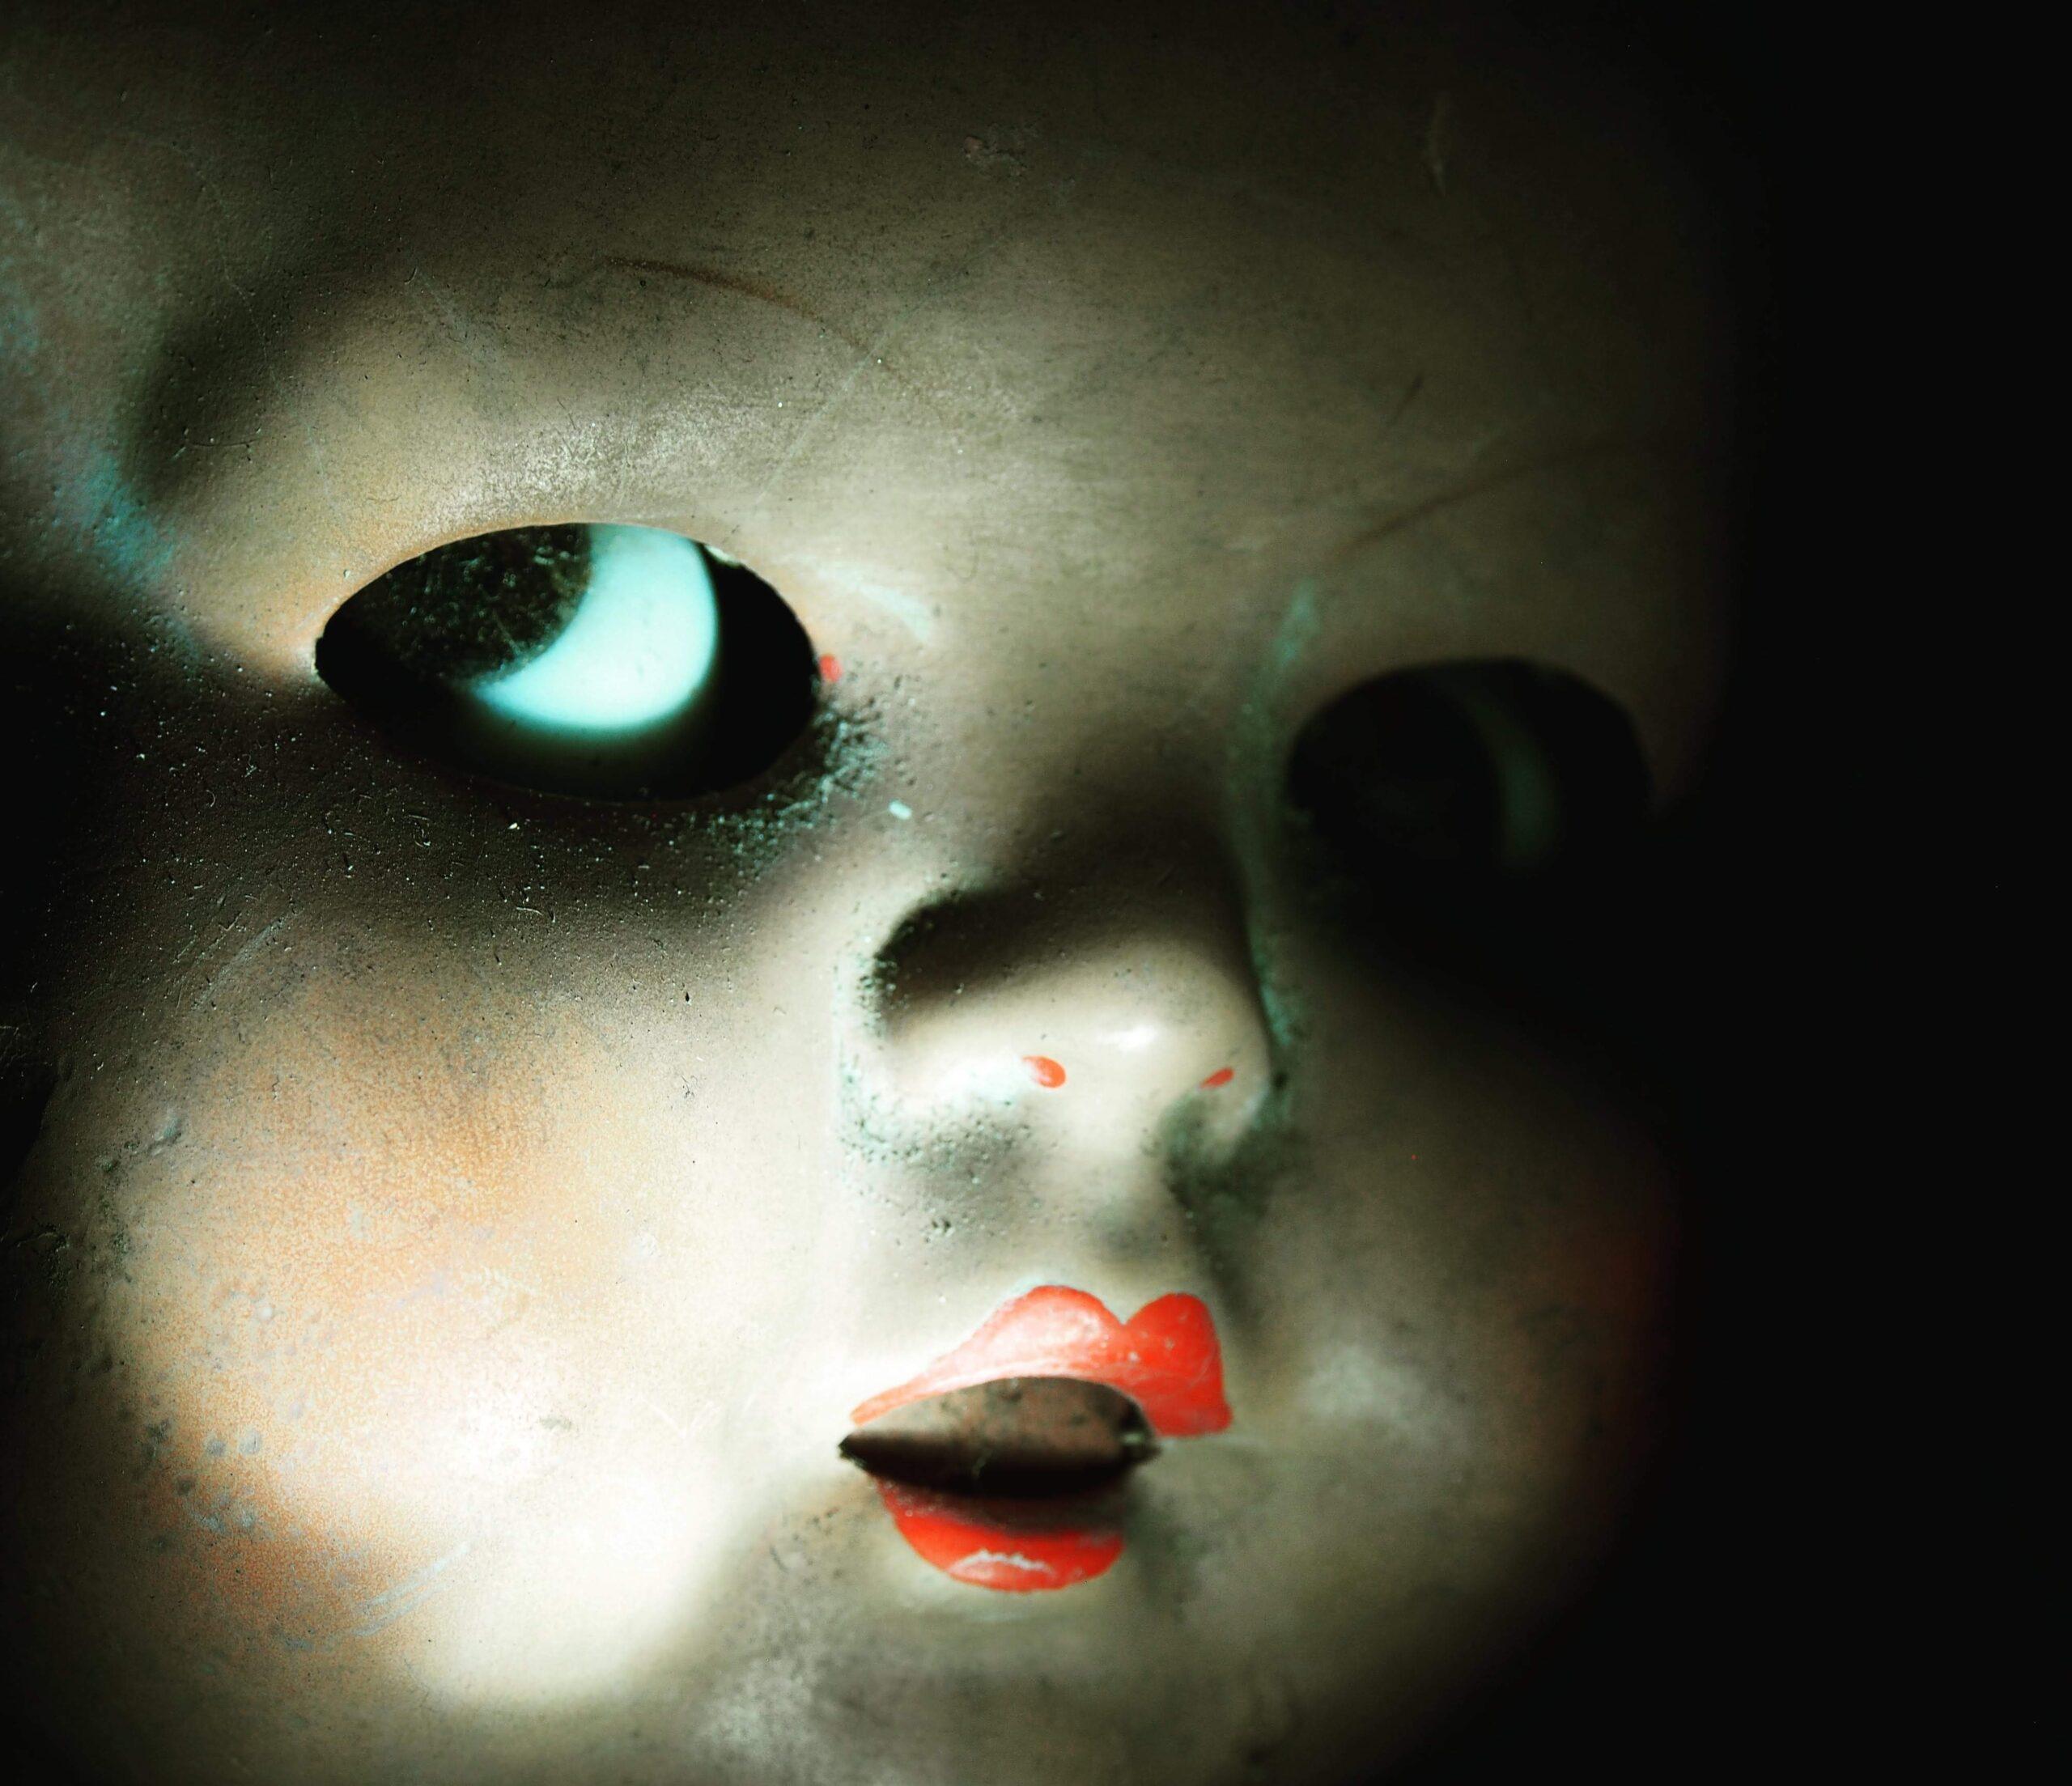 L'hôpital des poupées#06 2020 stampa Fine Art 30x40 cm